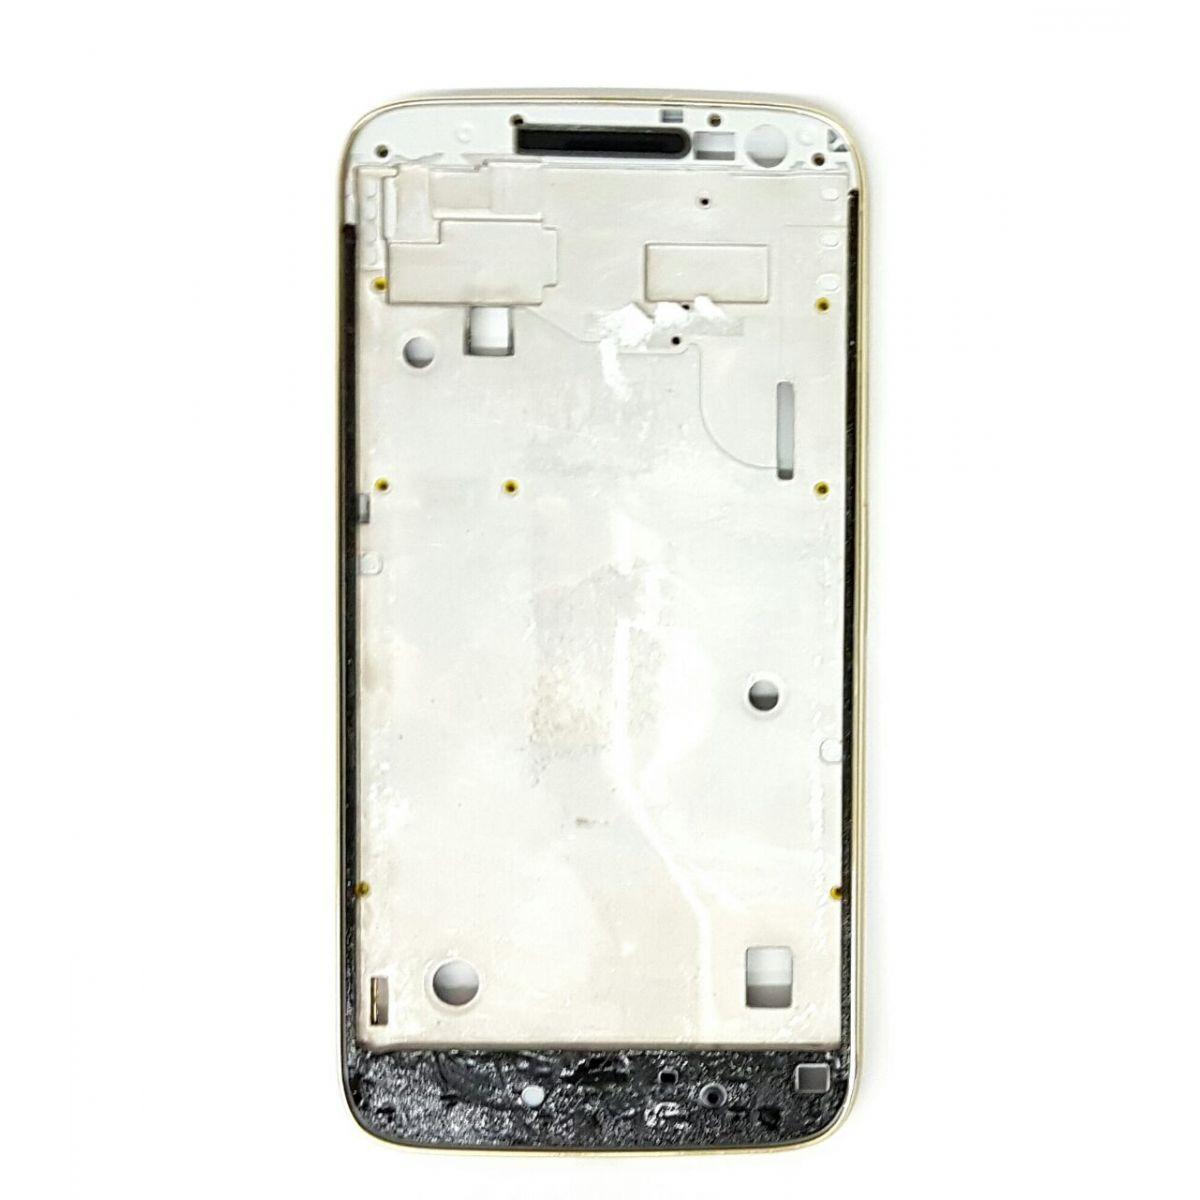 Aro Carcaca Motorola Moto  G4 Play Xt1600 Xt1603 Dourado - Retirado